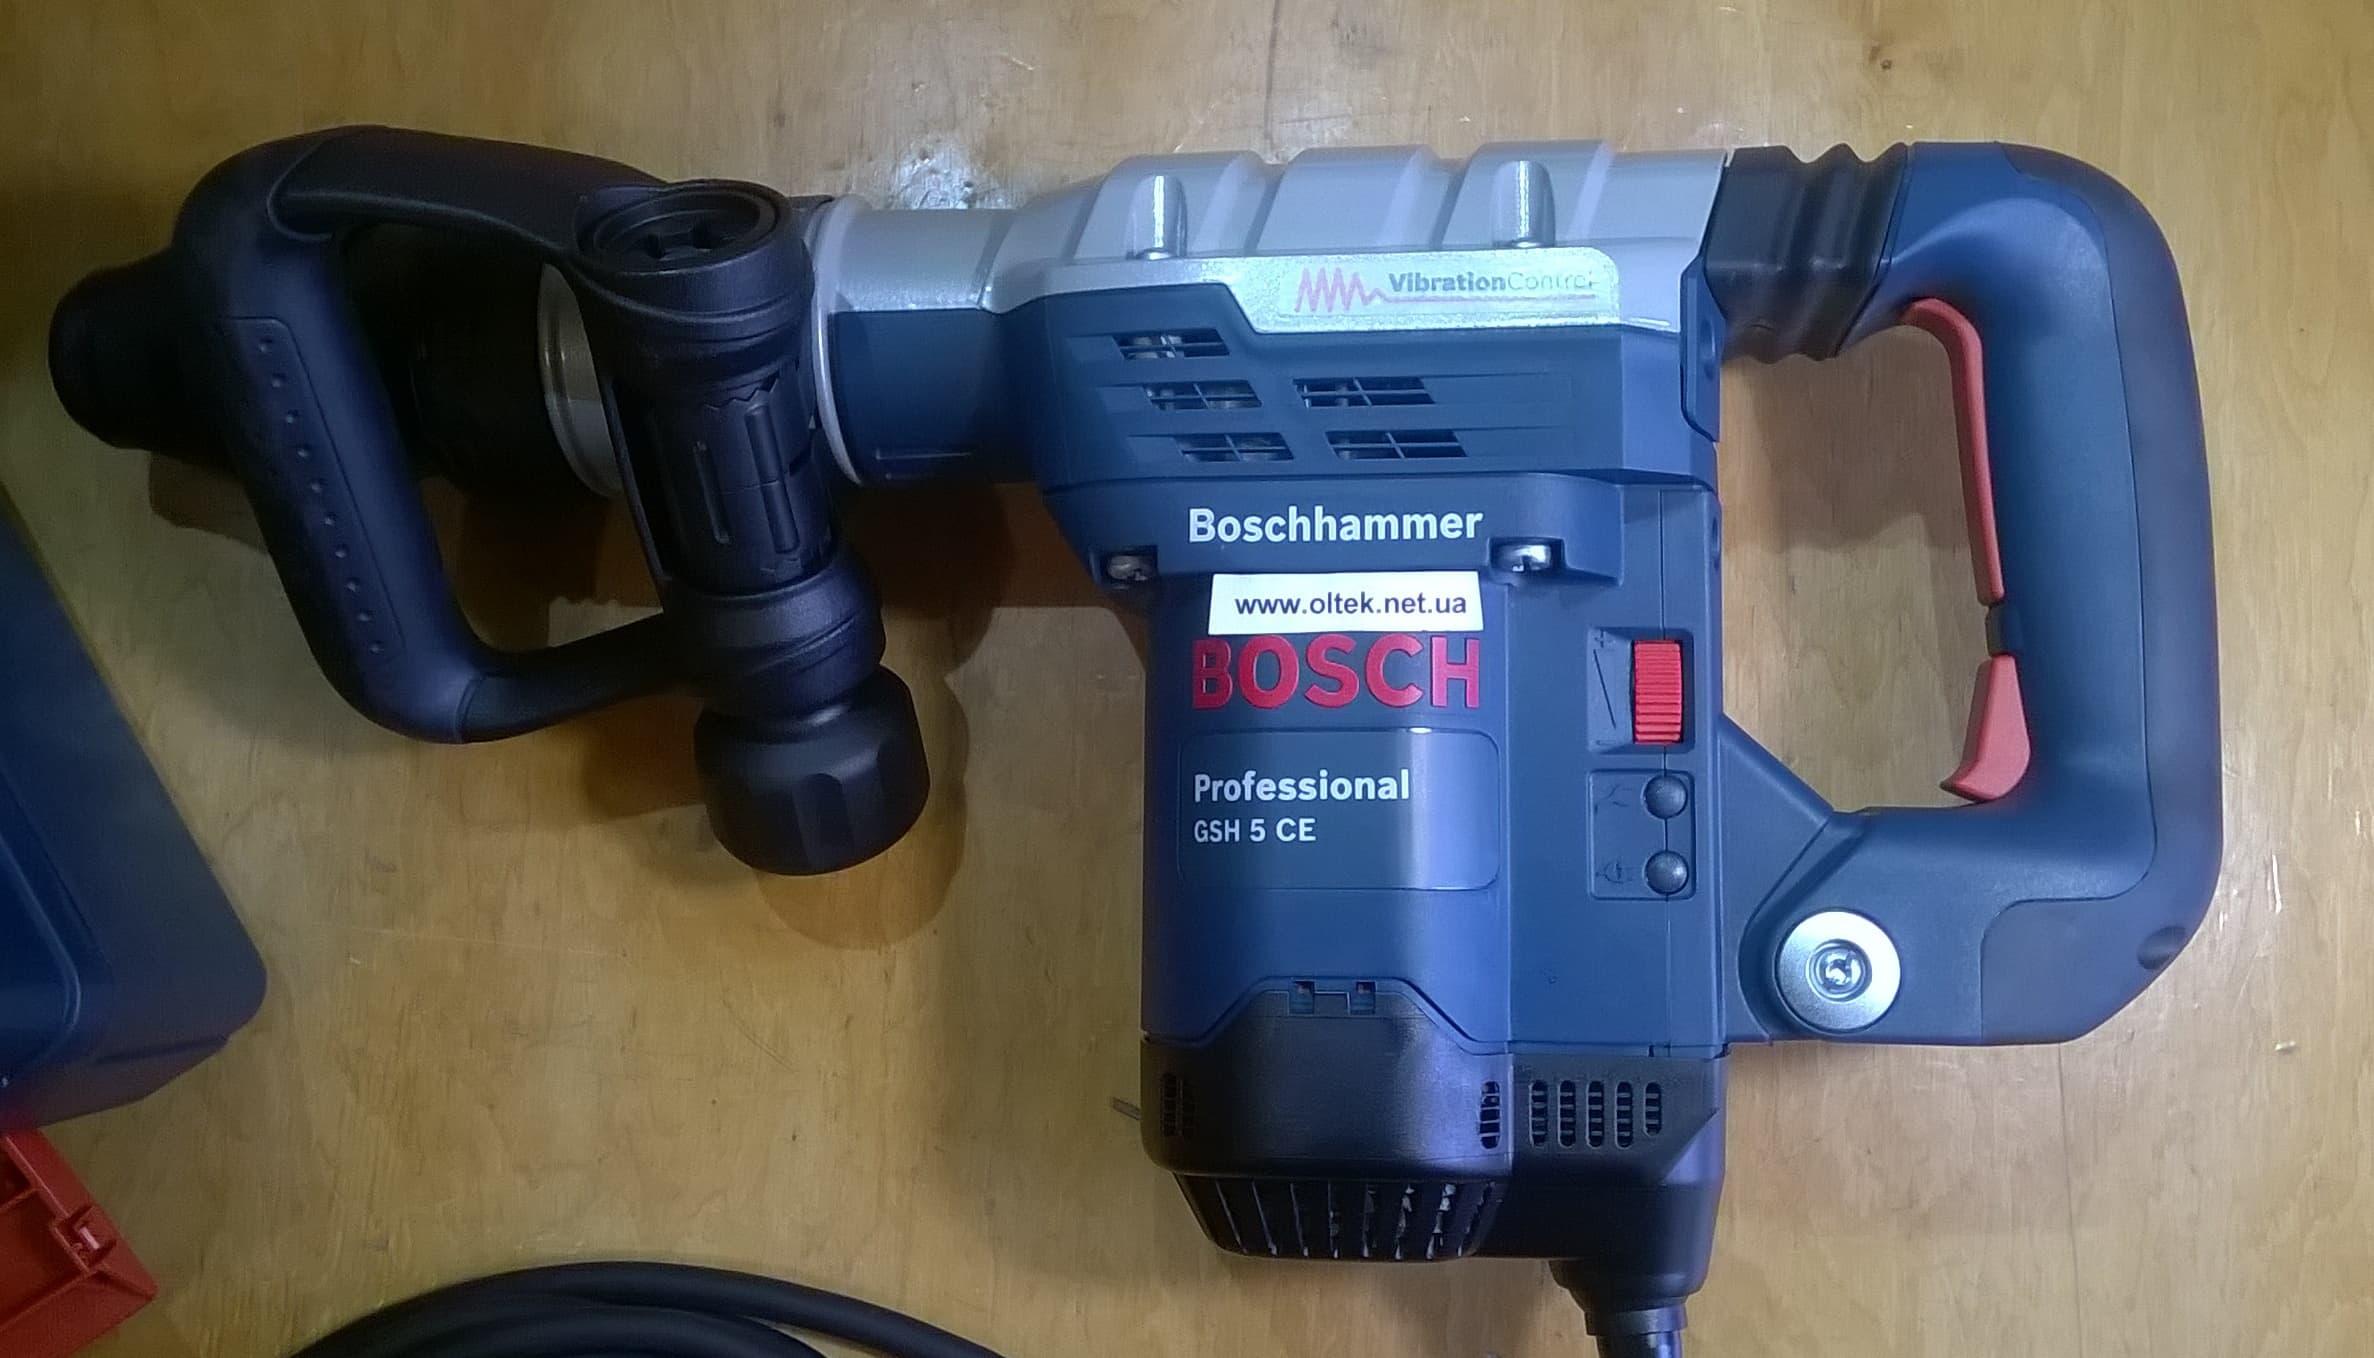 bosch-5-ce-oltek-net-ua